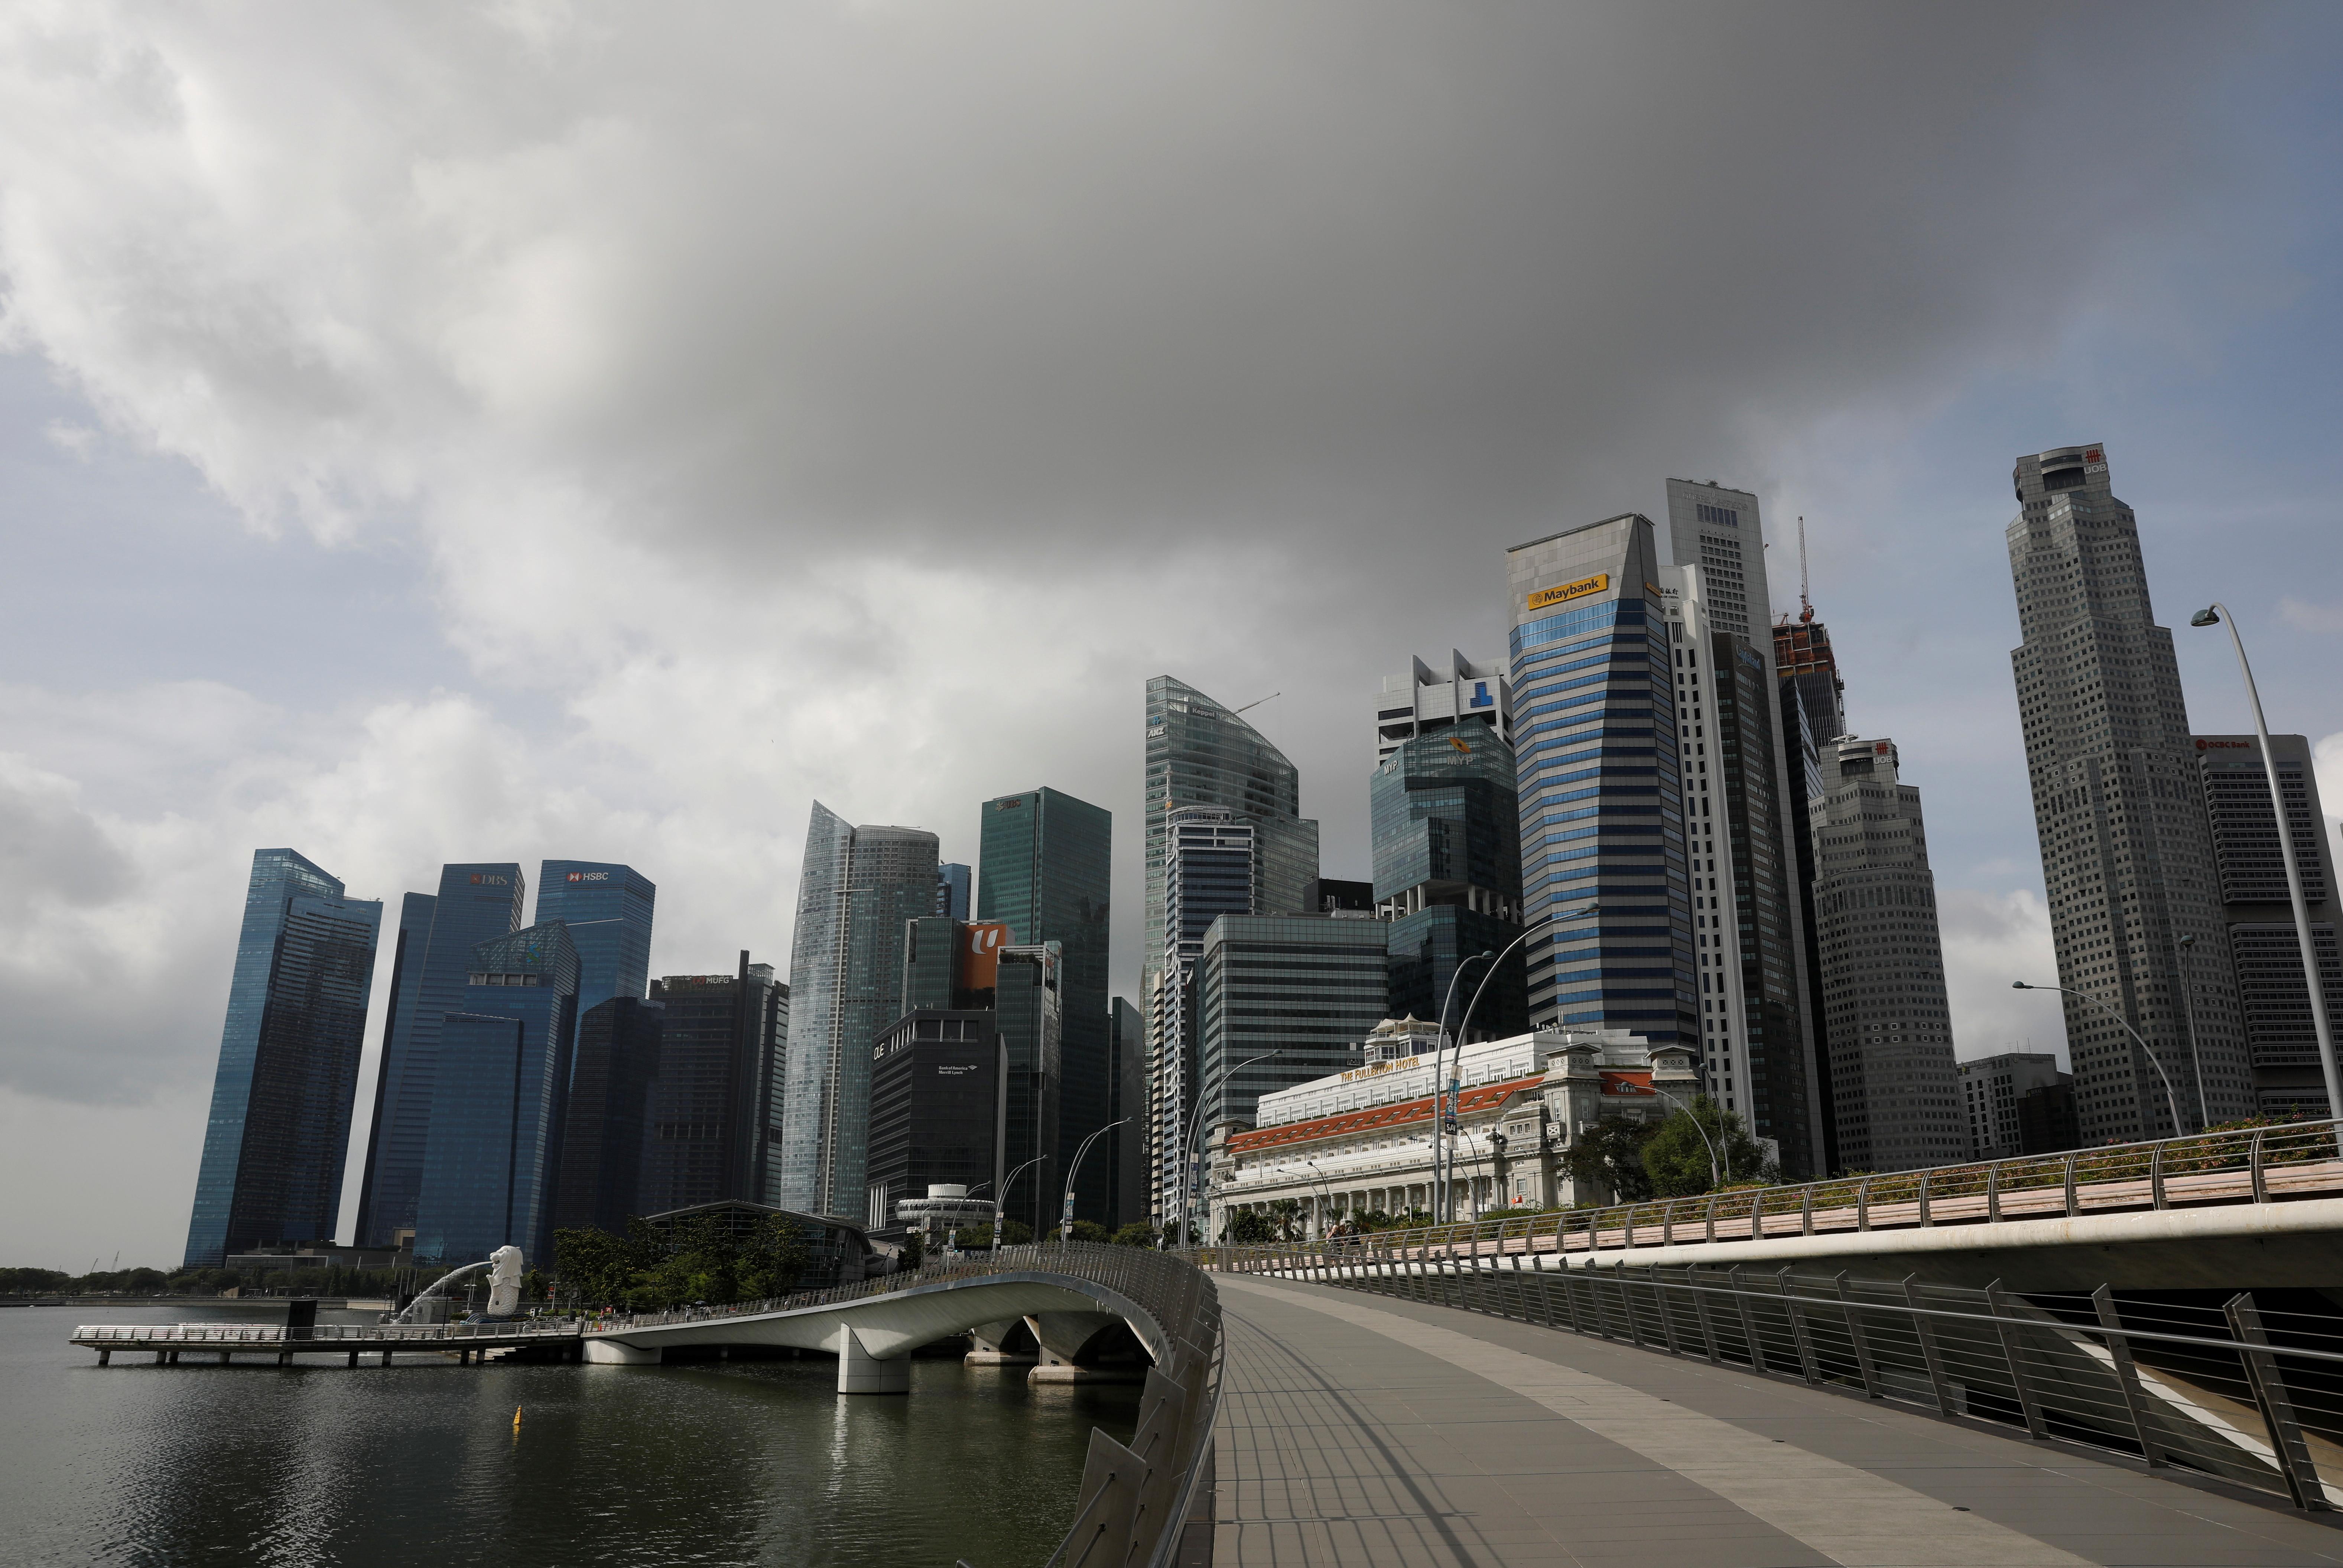 花旗,金融,消費者金融業務,信用卡,外資撤台,每股盈餘,行動支付,國際型金融中心,新加坡,香港,租稅,資本市場